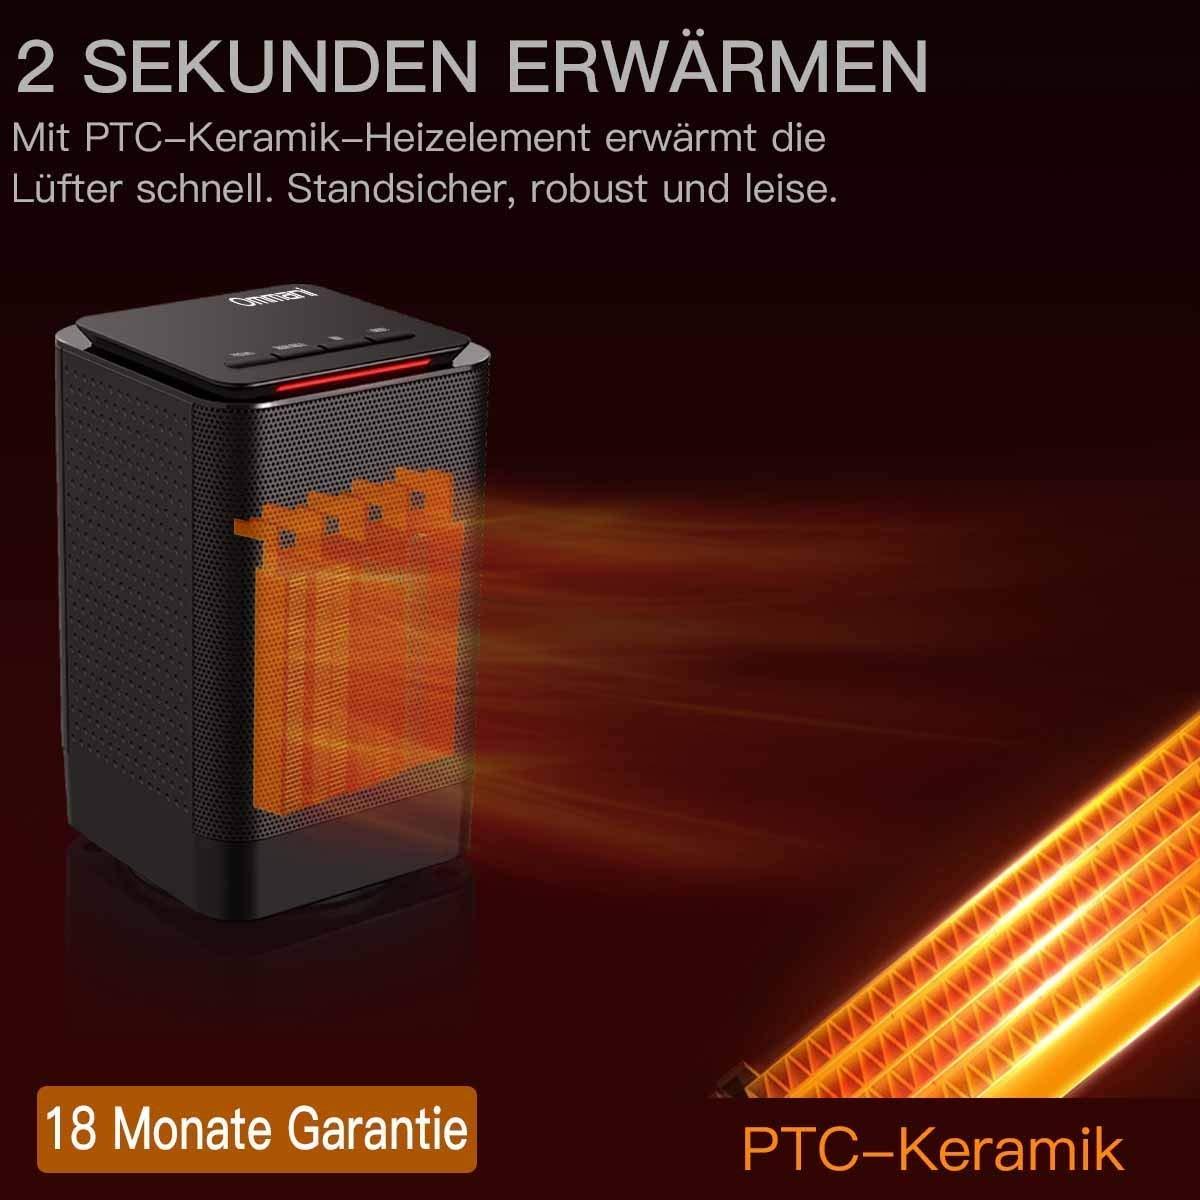 Ommani Calefactor, Cerámica Calefactor PTC 950 W Calienta en 2 Segundos, con Doble Protección Frente al Calentamiento, Calefactor de Bajo Consumo, ...